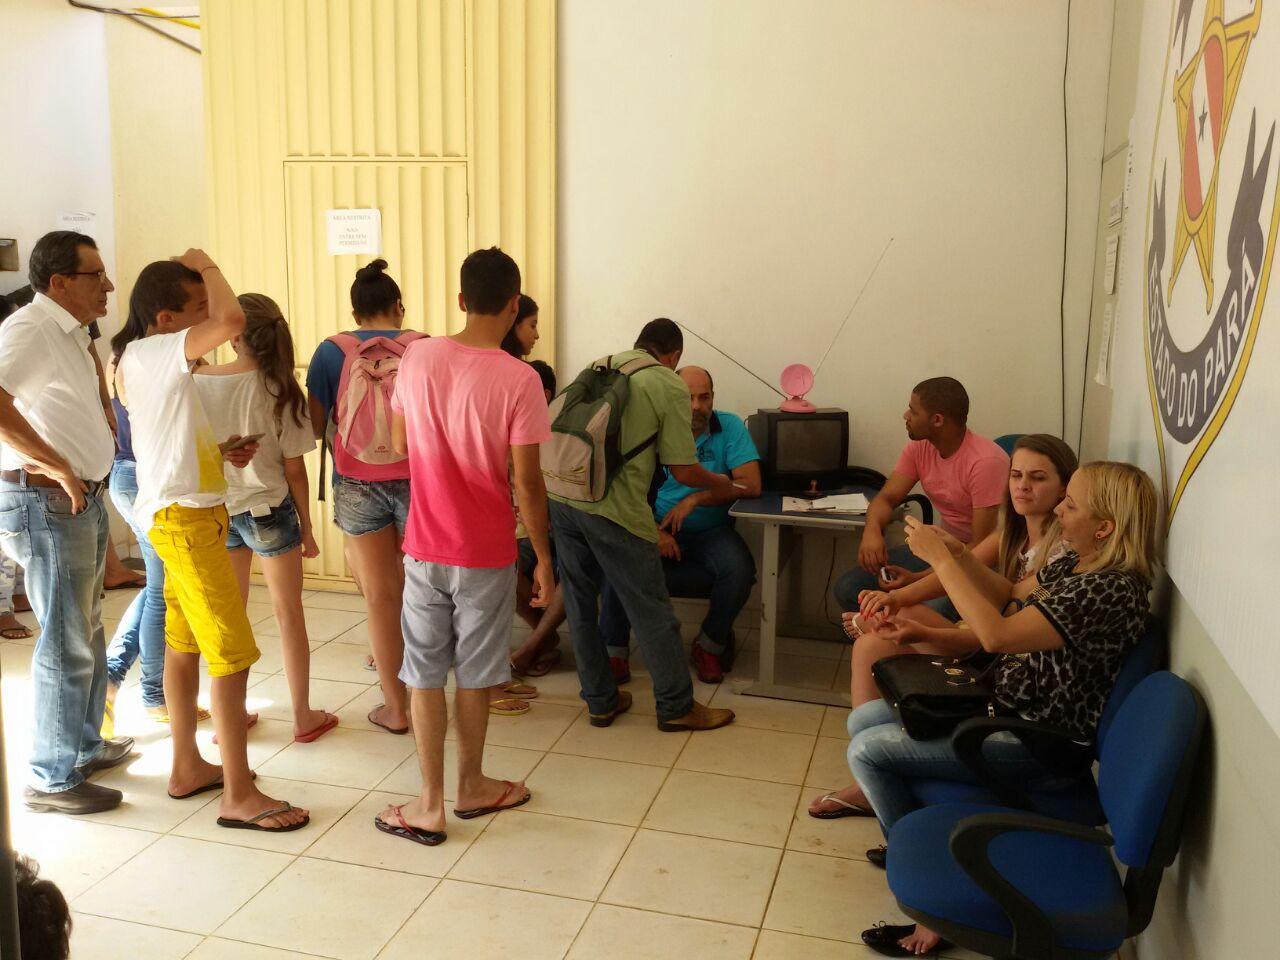 Show de Wesley Safadão vira caso de polícia em Parauapebas